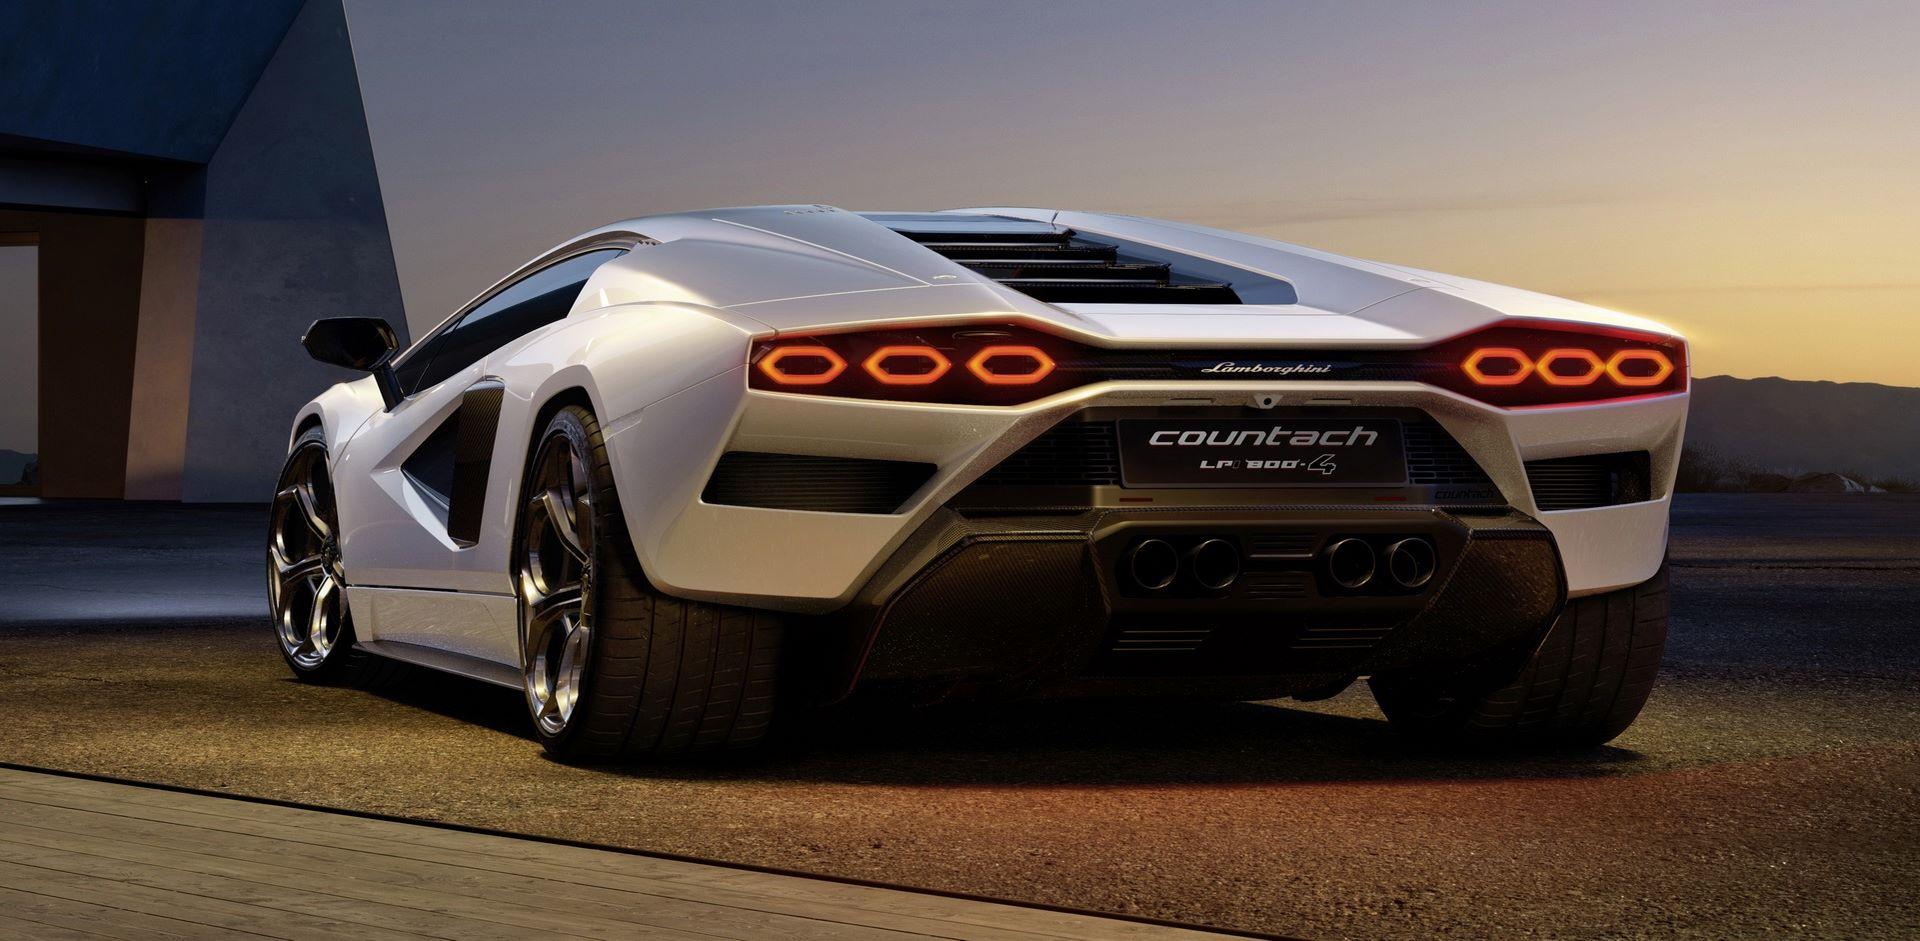 Lamborghini-Countach-LPI-800-4-31